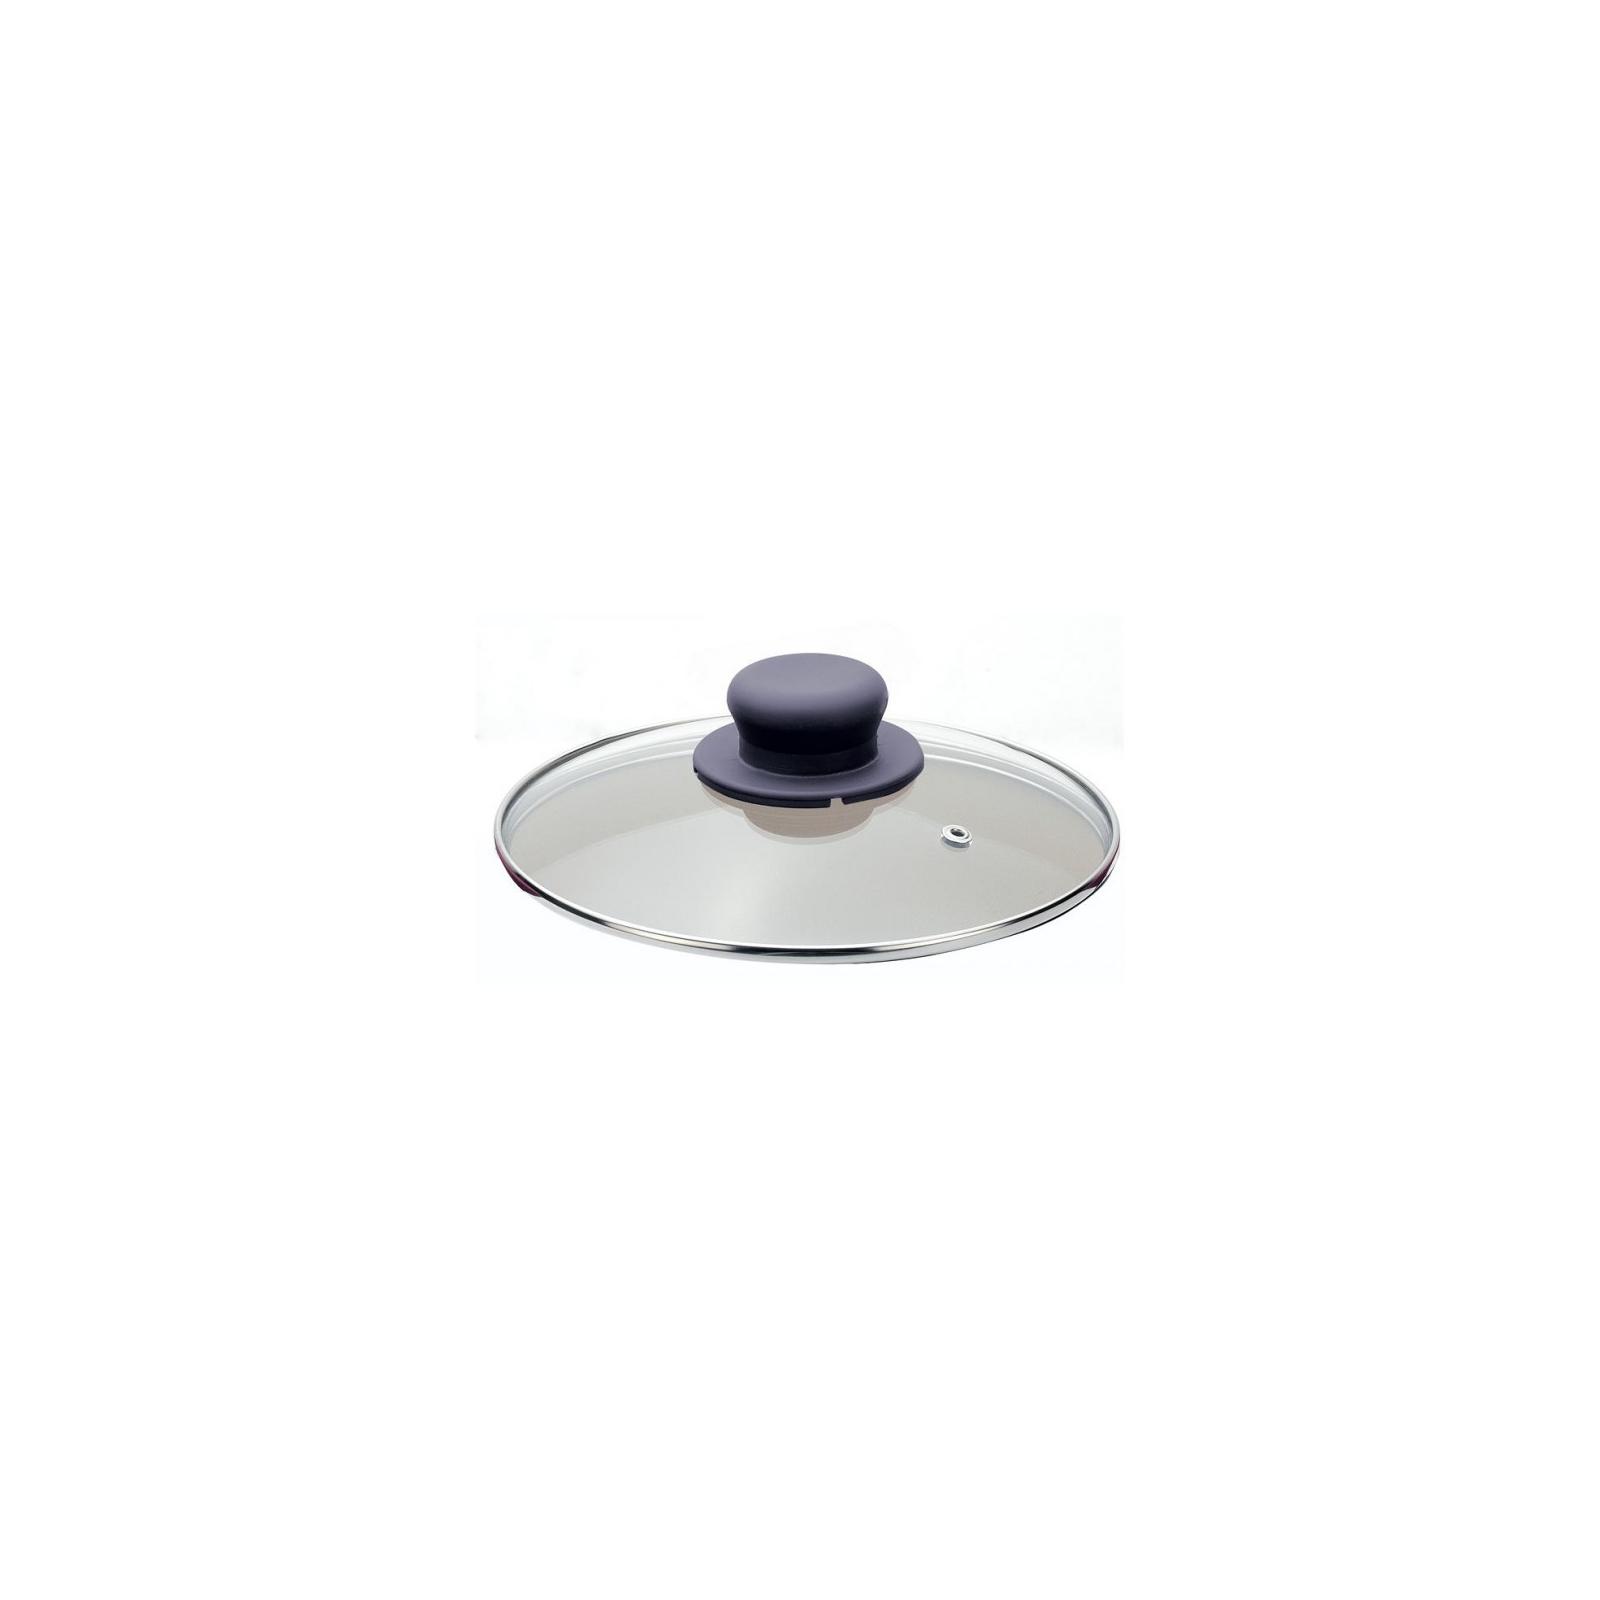 Крышка для посуды Pensofal Petrum Italiqum Glass 26 см (ITQ1055)